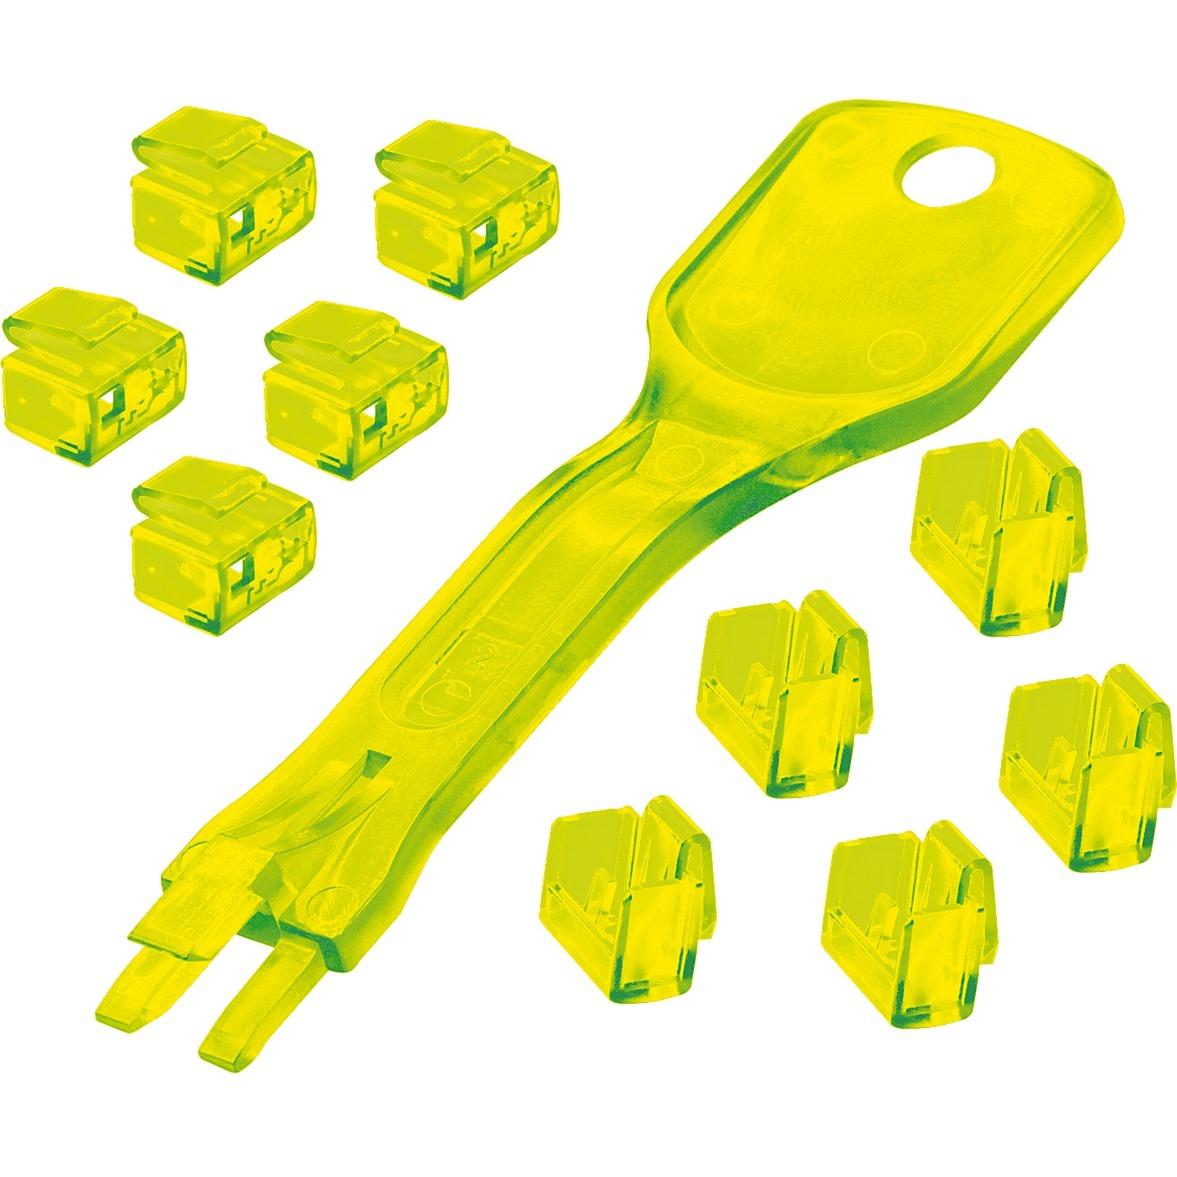 40482 Amarillo cable antirrobo, Protección contra robos